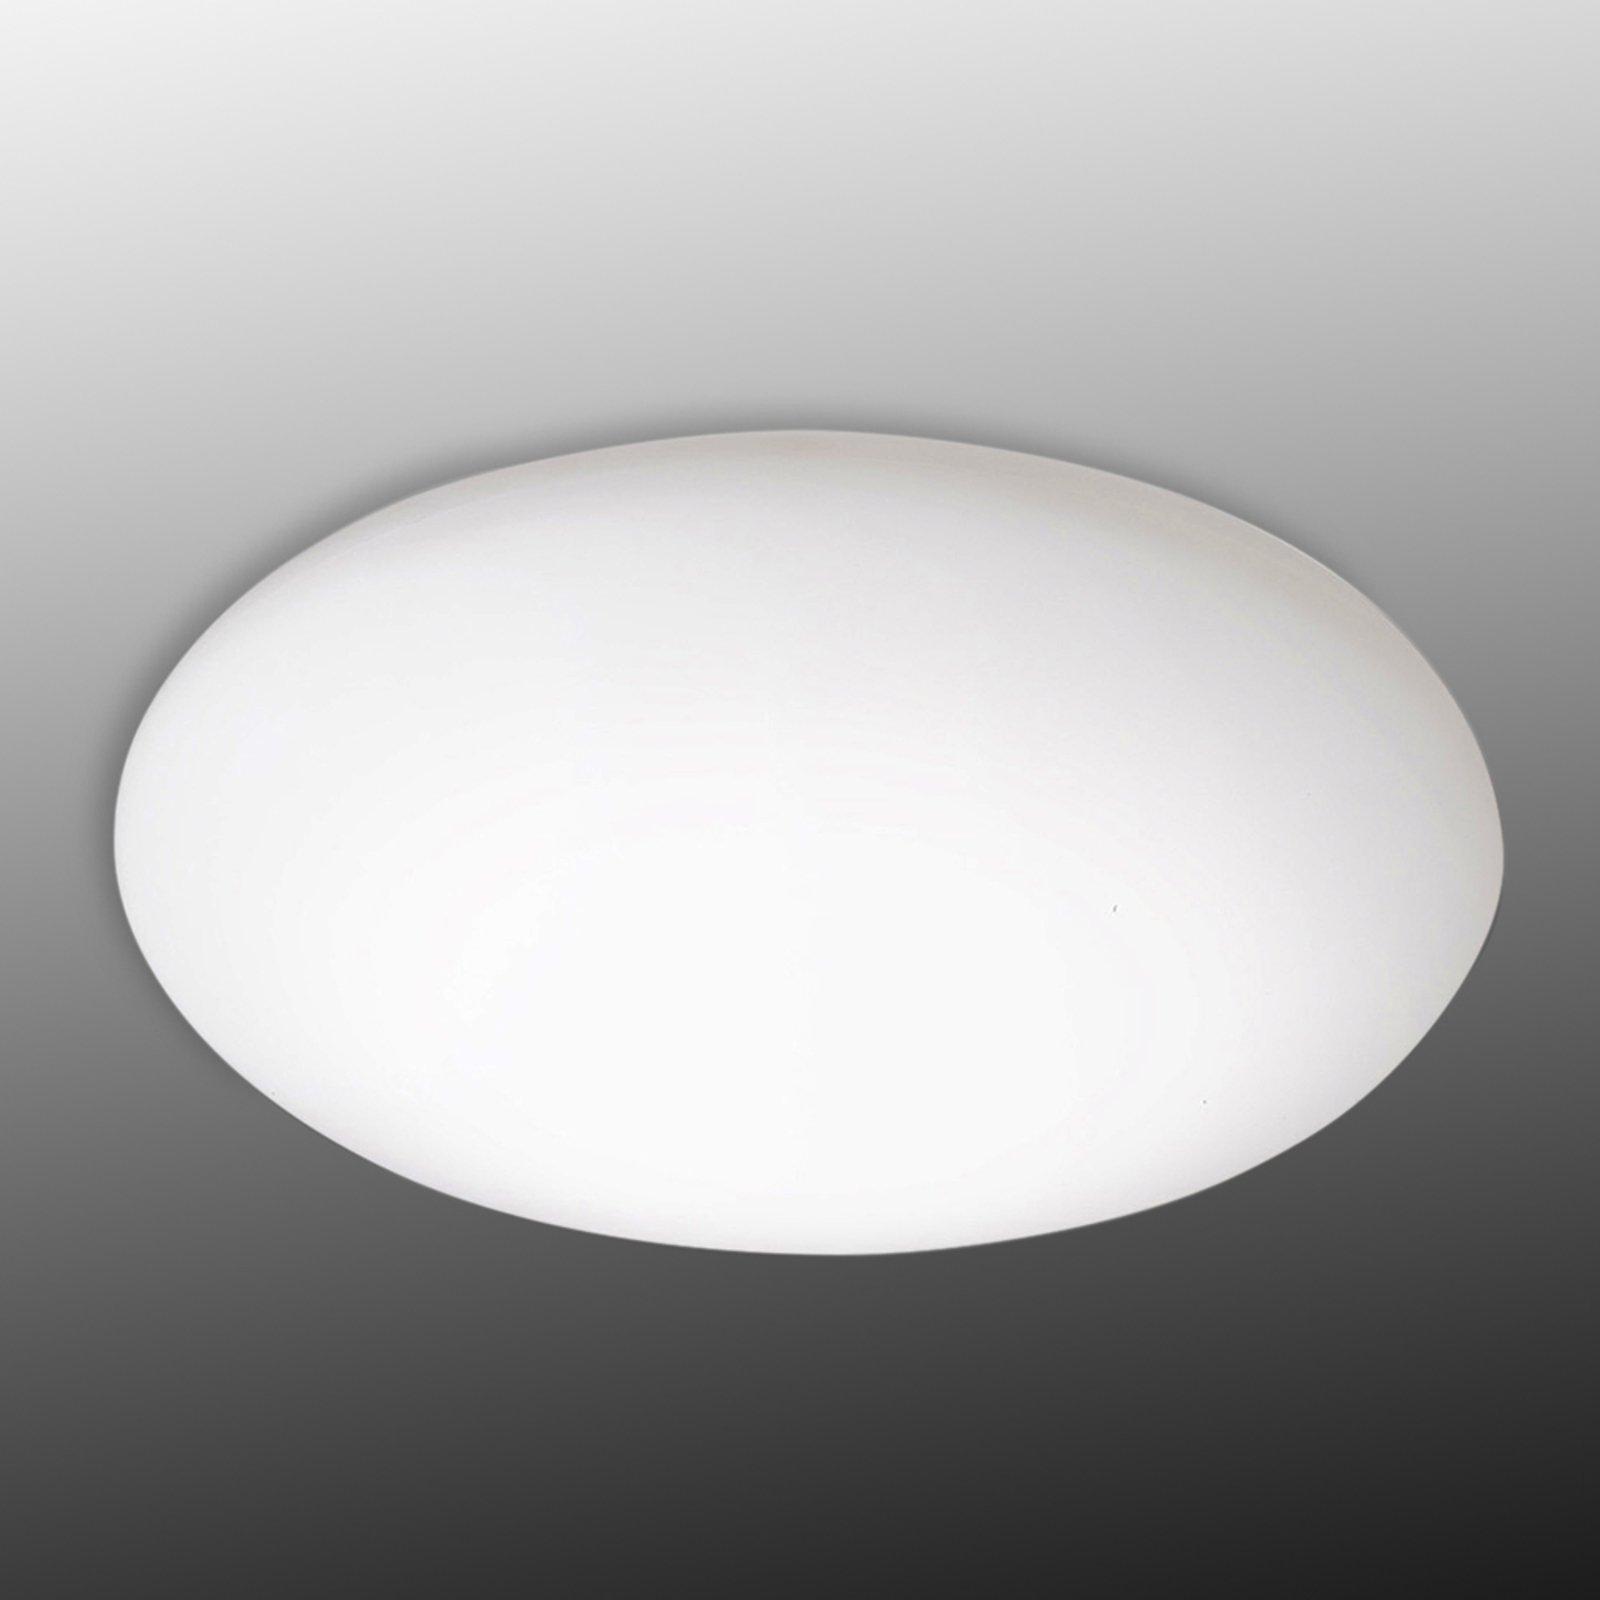 Squash - LED-taklampe av polyetylen